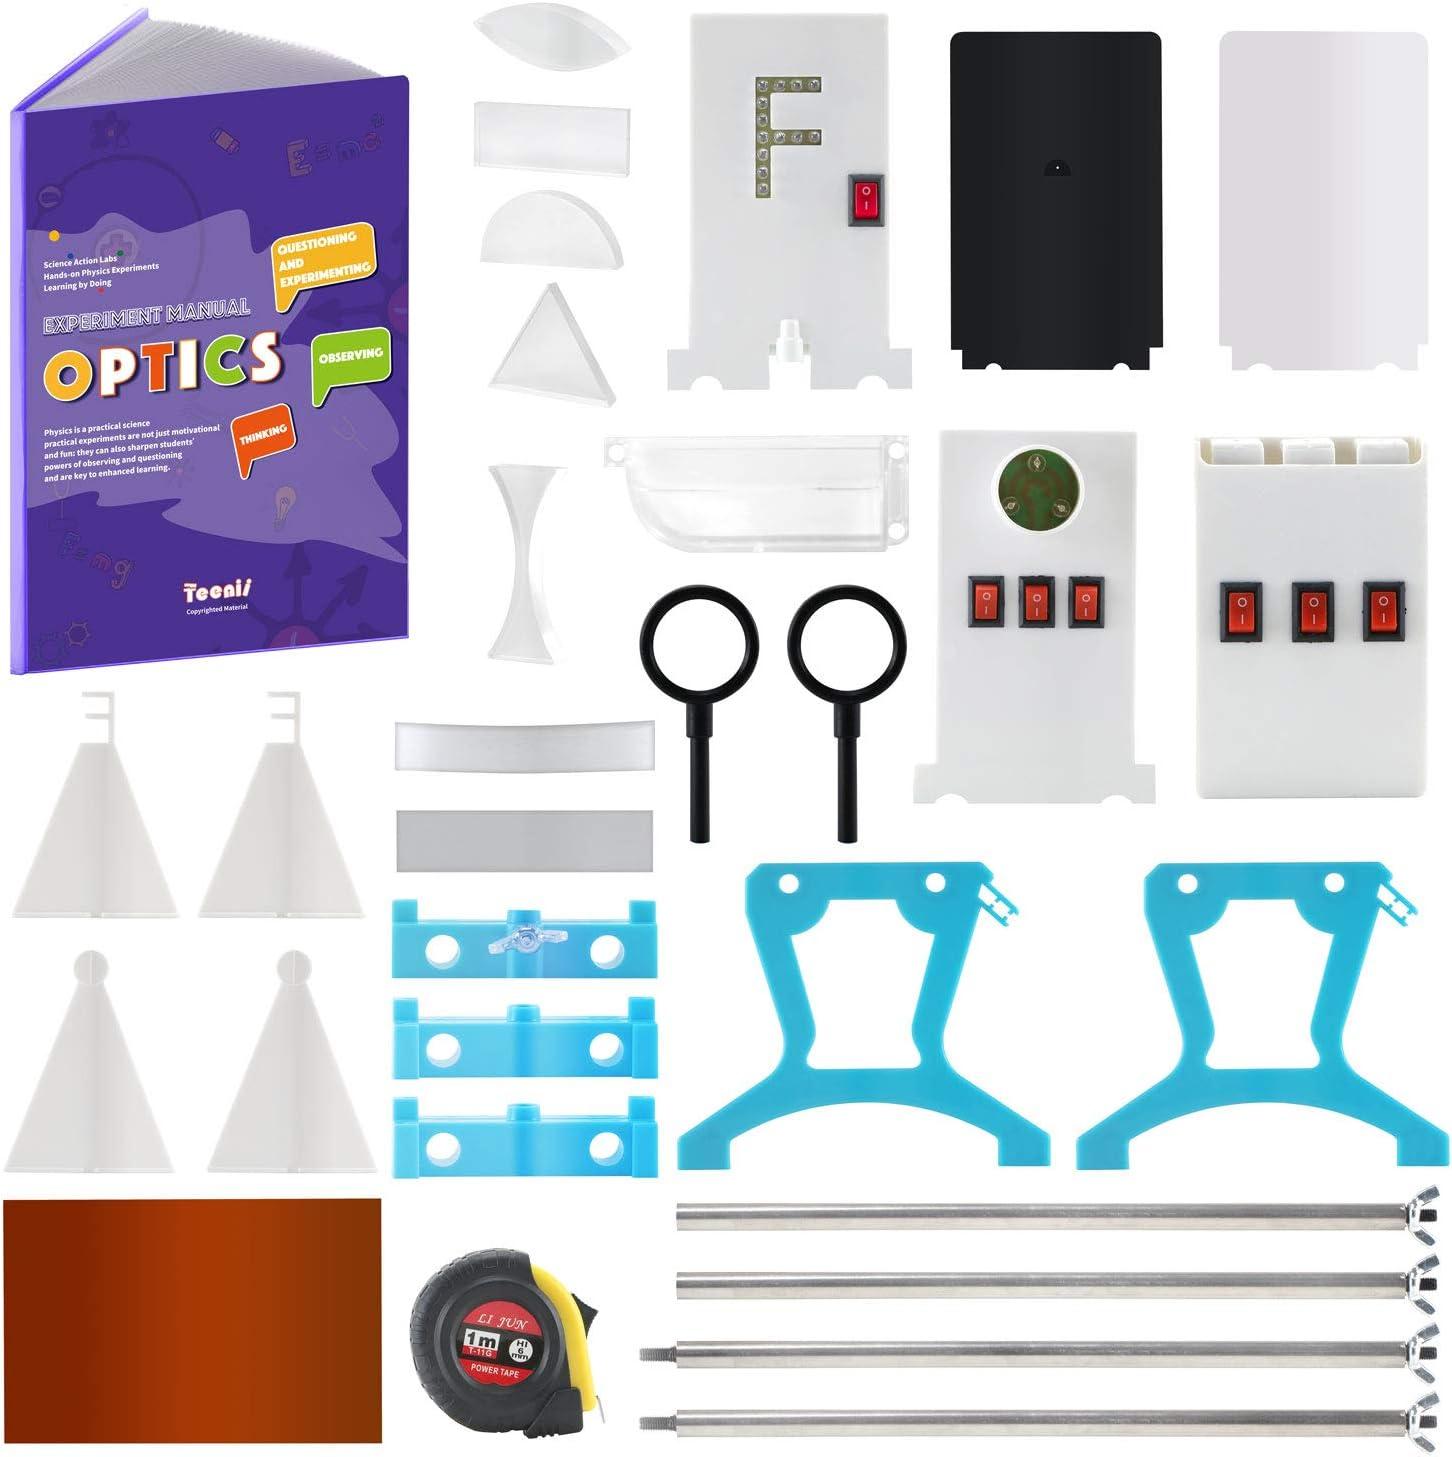 Teenii CTIM Laboratorio de Física Kit de Aprendizaje Básico de Óptica Experimento de Luz para niños Alumnos de Secundaria y Bachillerato